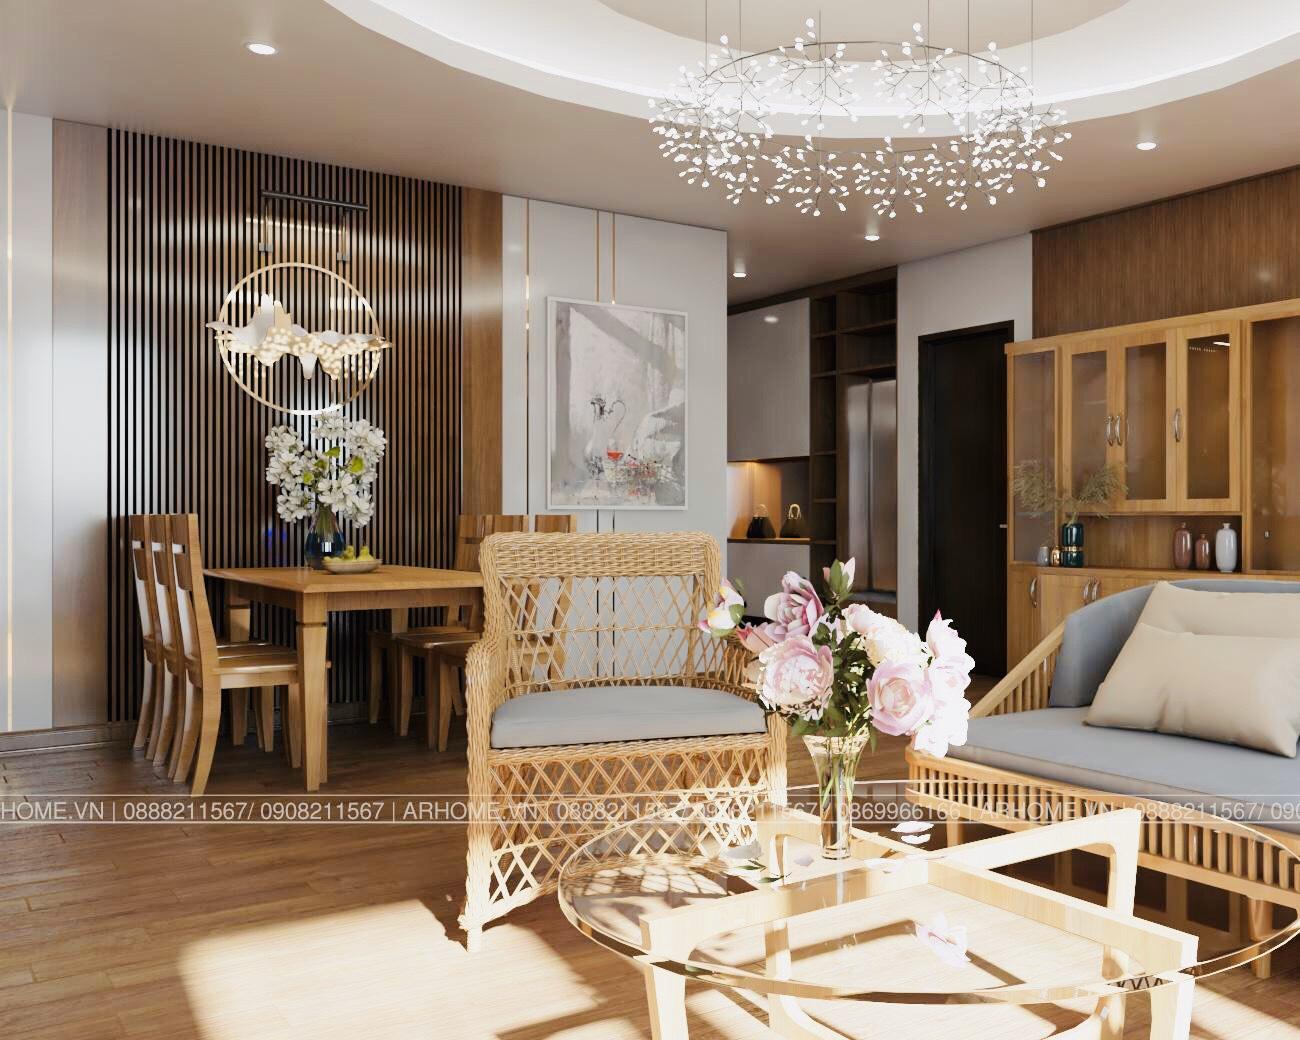 Thiết kế nội thất Chung Cư tại Hà Nội Ấn tượng khó phai với Thiết kế nội thất căn hộ Chung cư Lạc Hồng West Lake của Cô Họa sĩ 1585985648 0